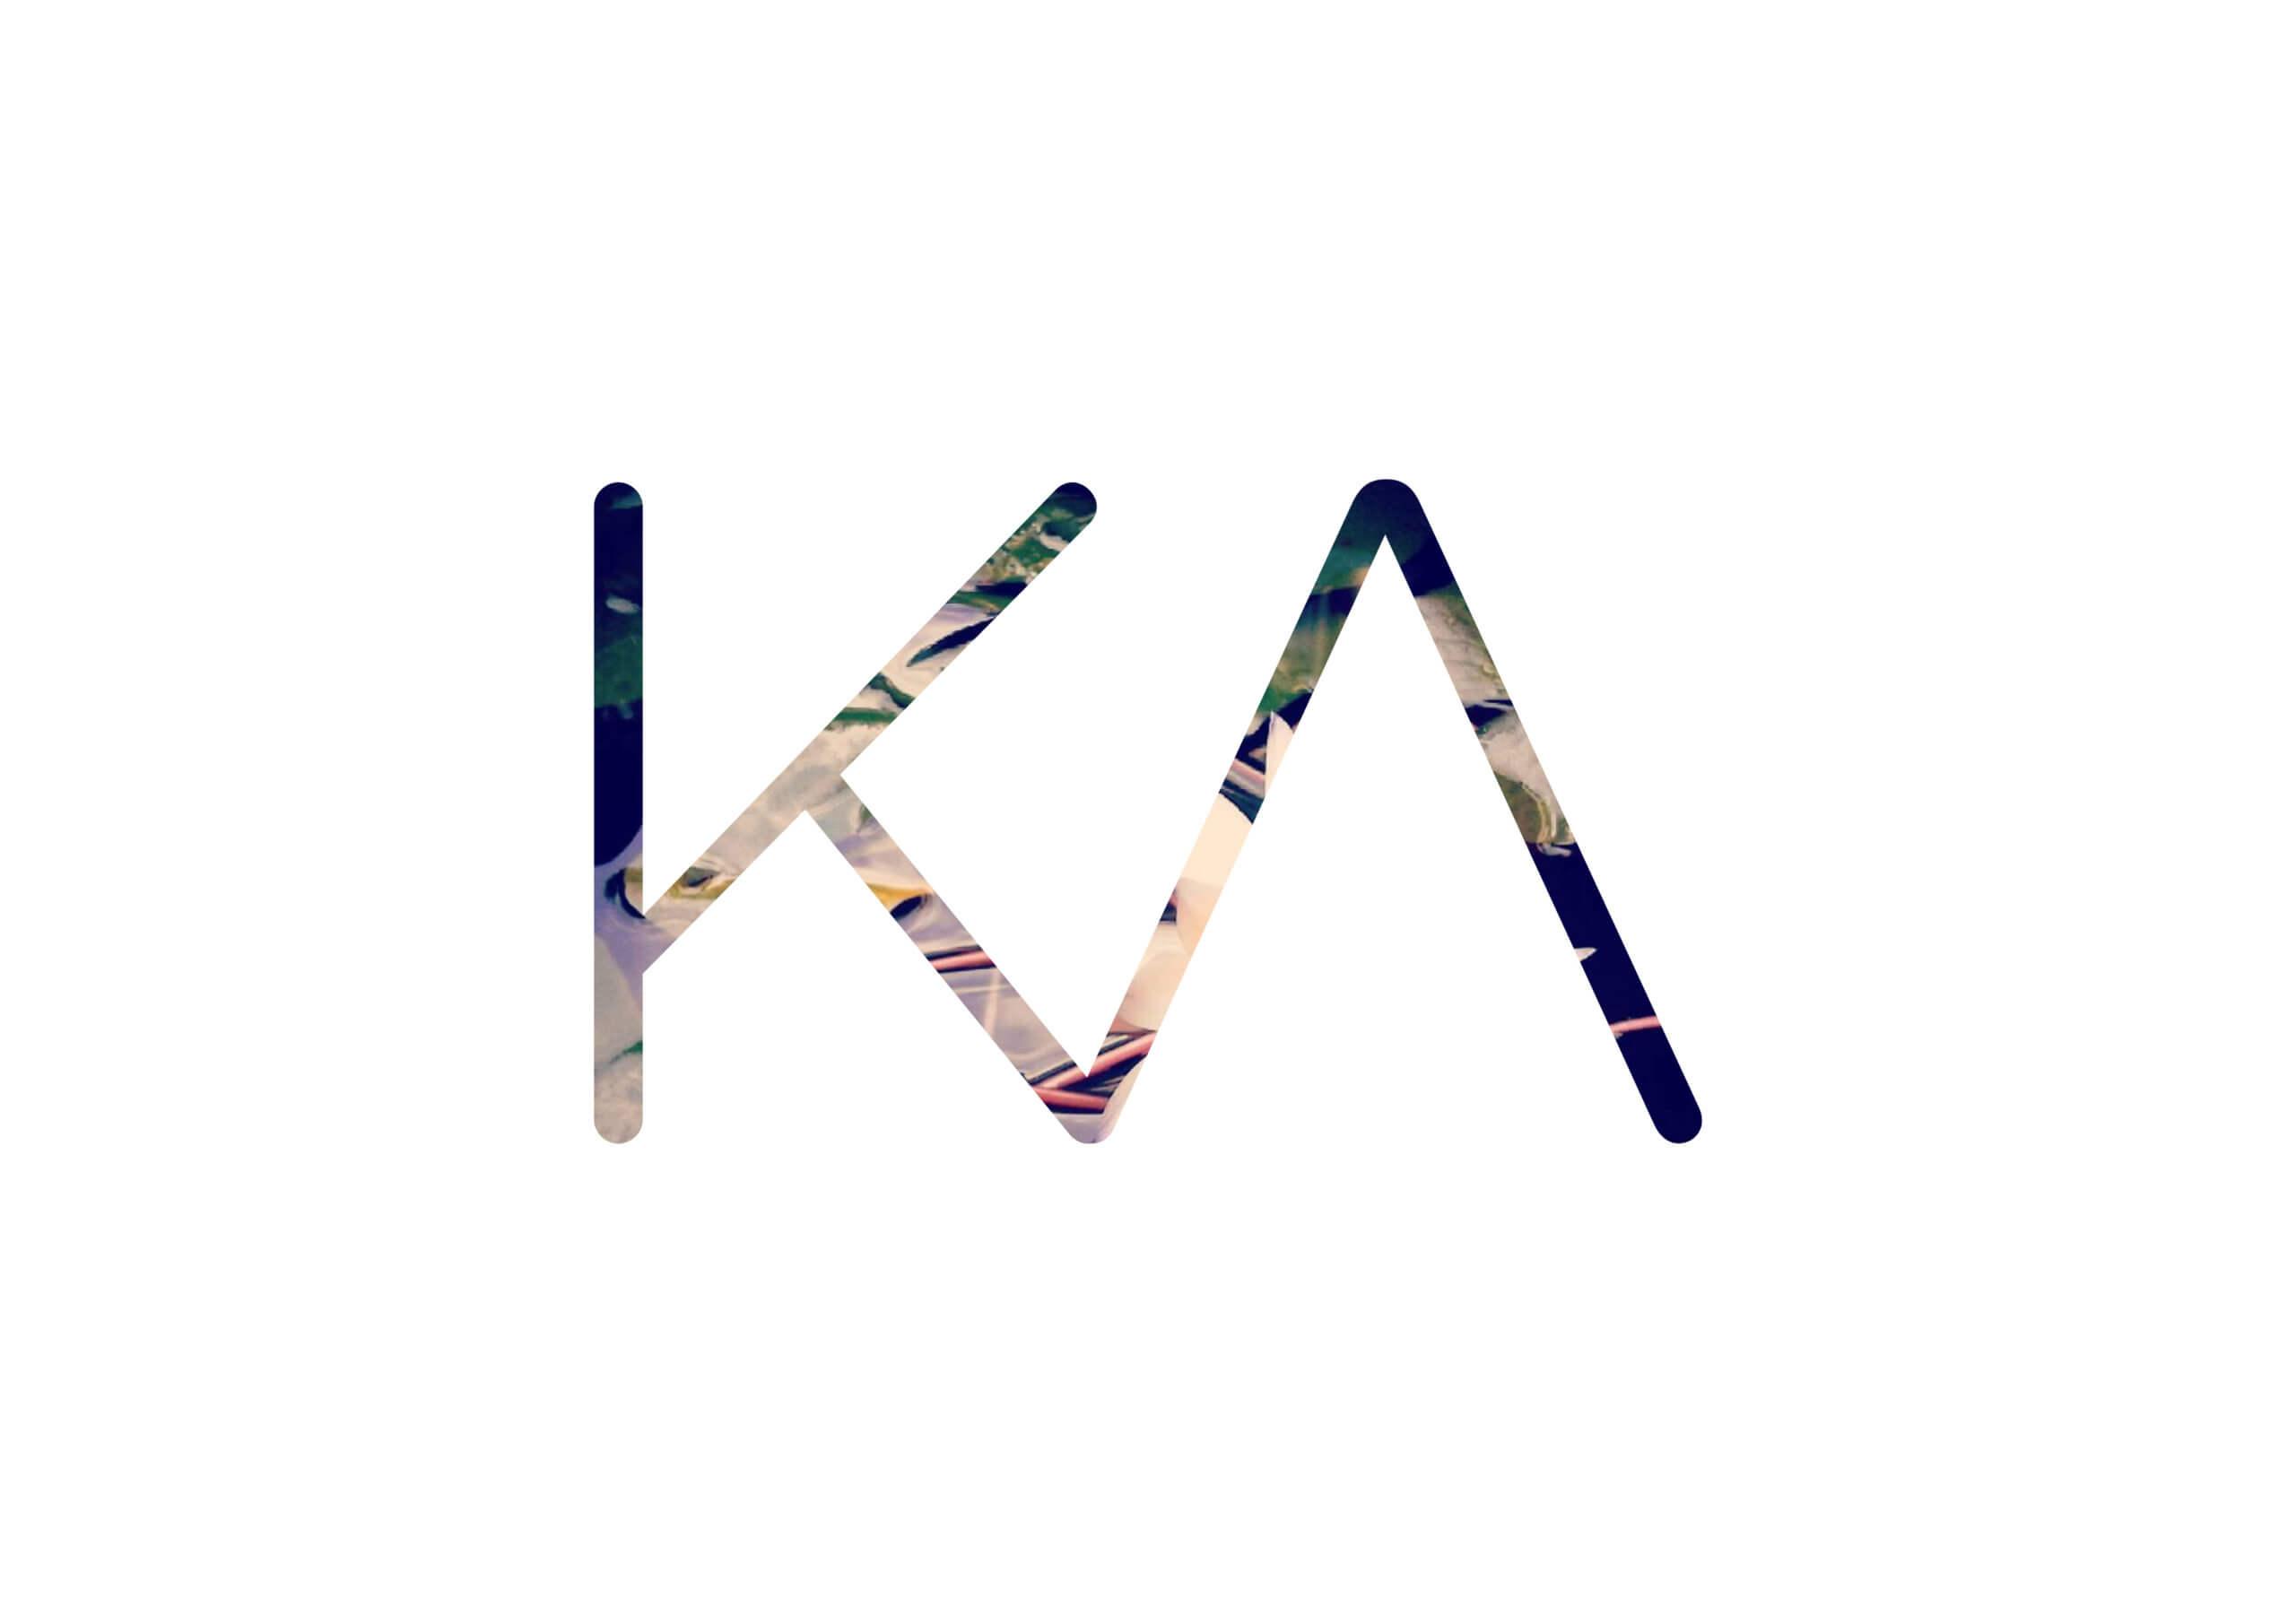 kaoni-galeria-terapies-03